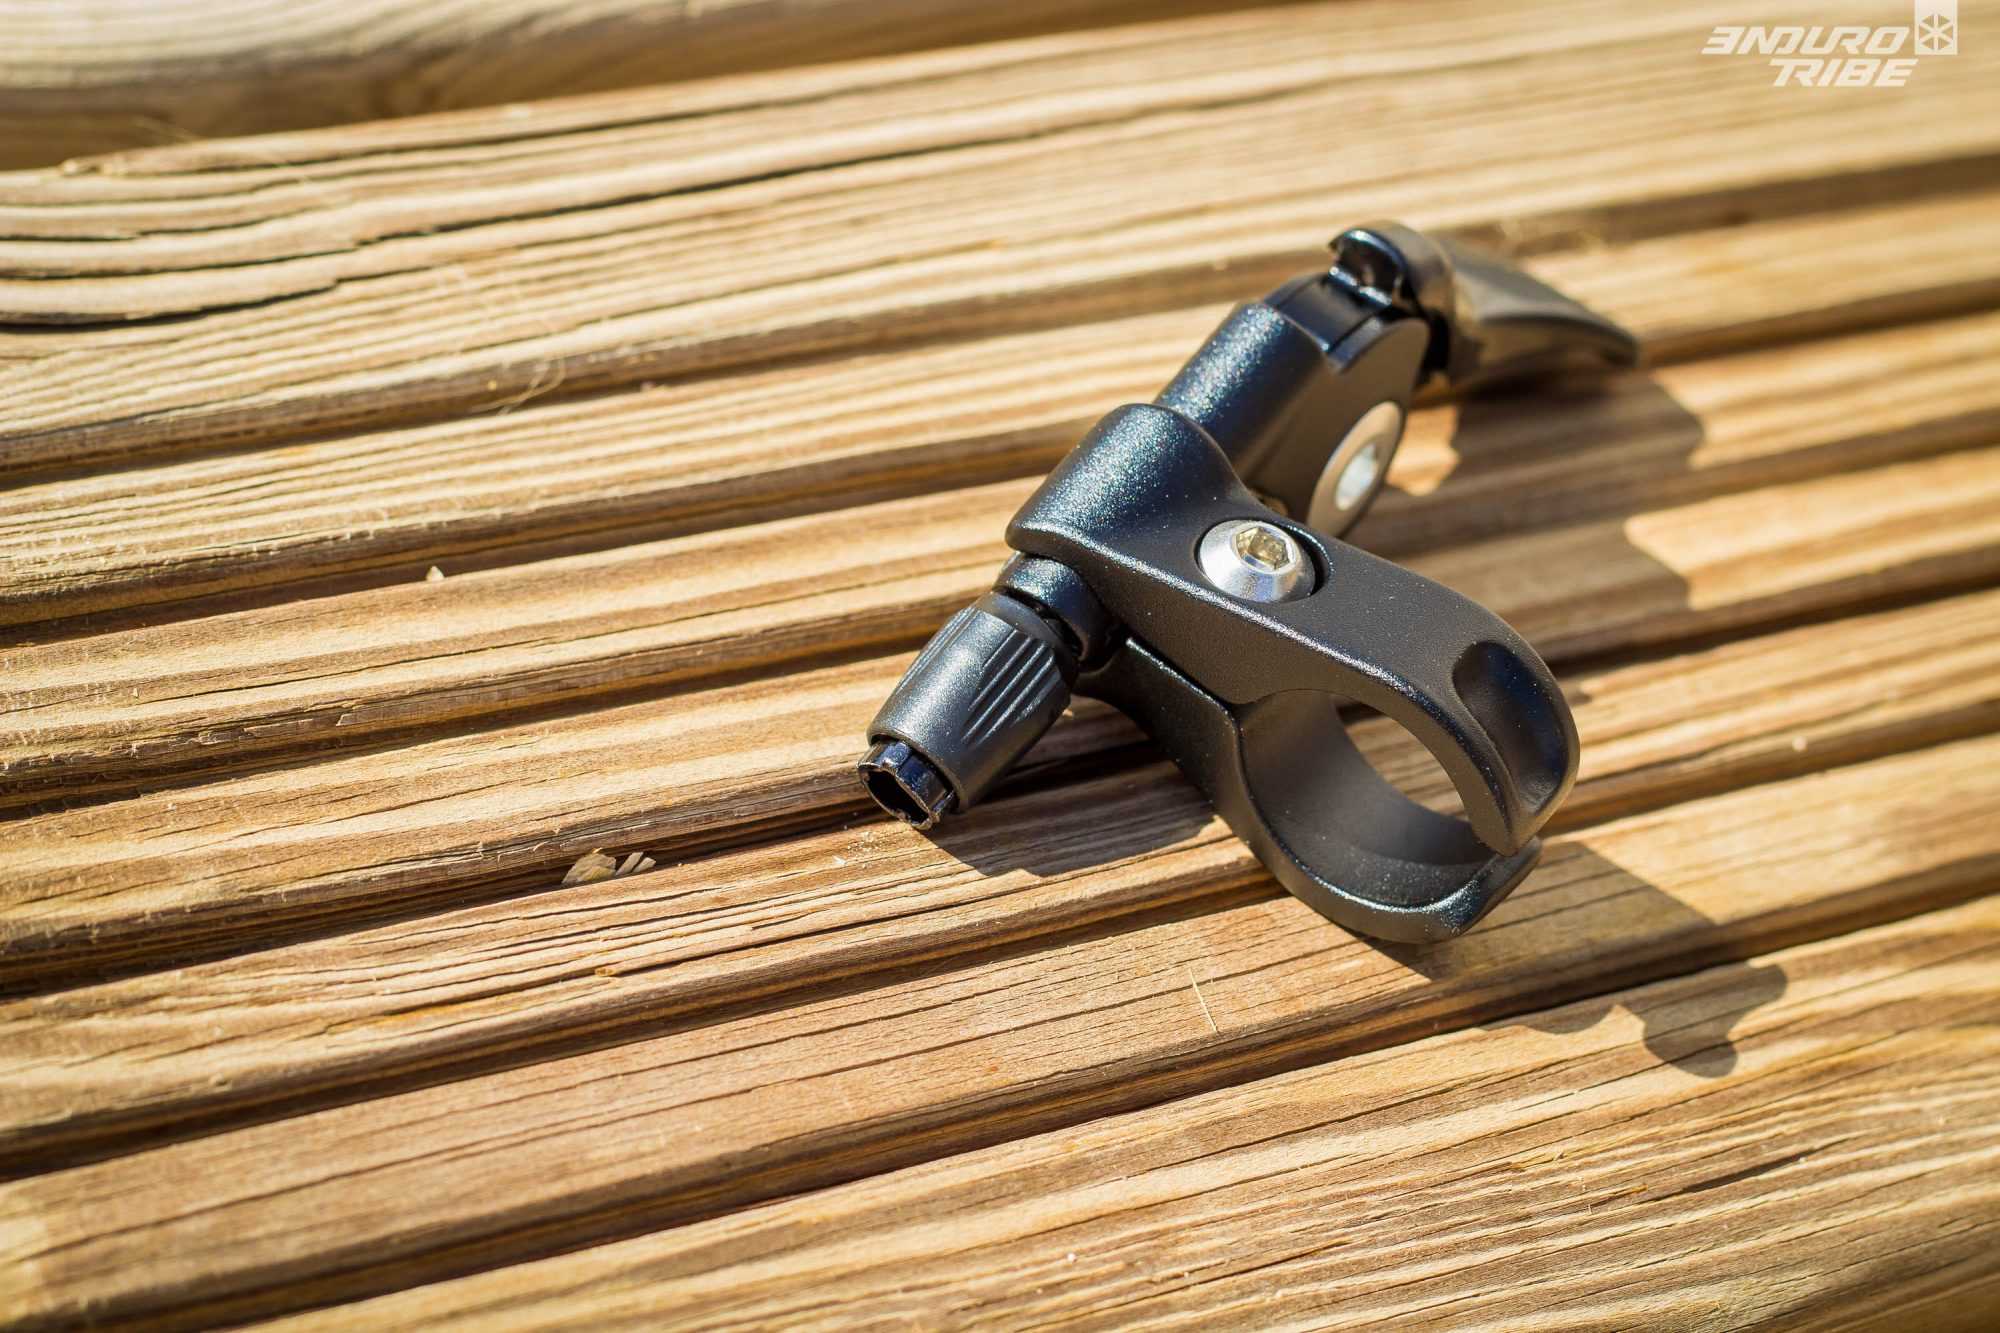 De par sa conception, le serrage du levier Southpaw au guidon et l'ajustement de sa position se font d'une seule vis qui maintient qui relie les deux demi-coques. Les possibilités sont intéressantes, mais la manœuvre n'est pas très précise/pratique.